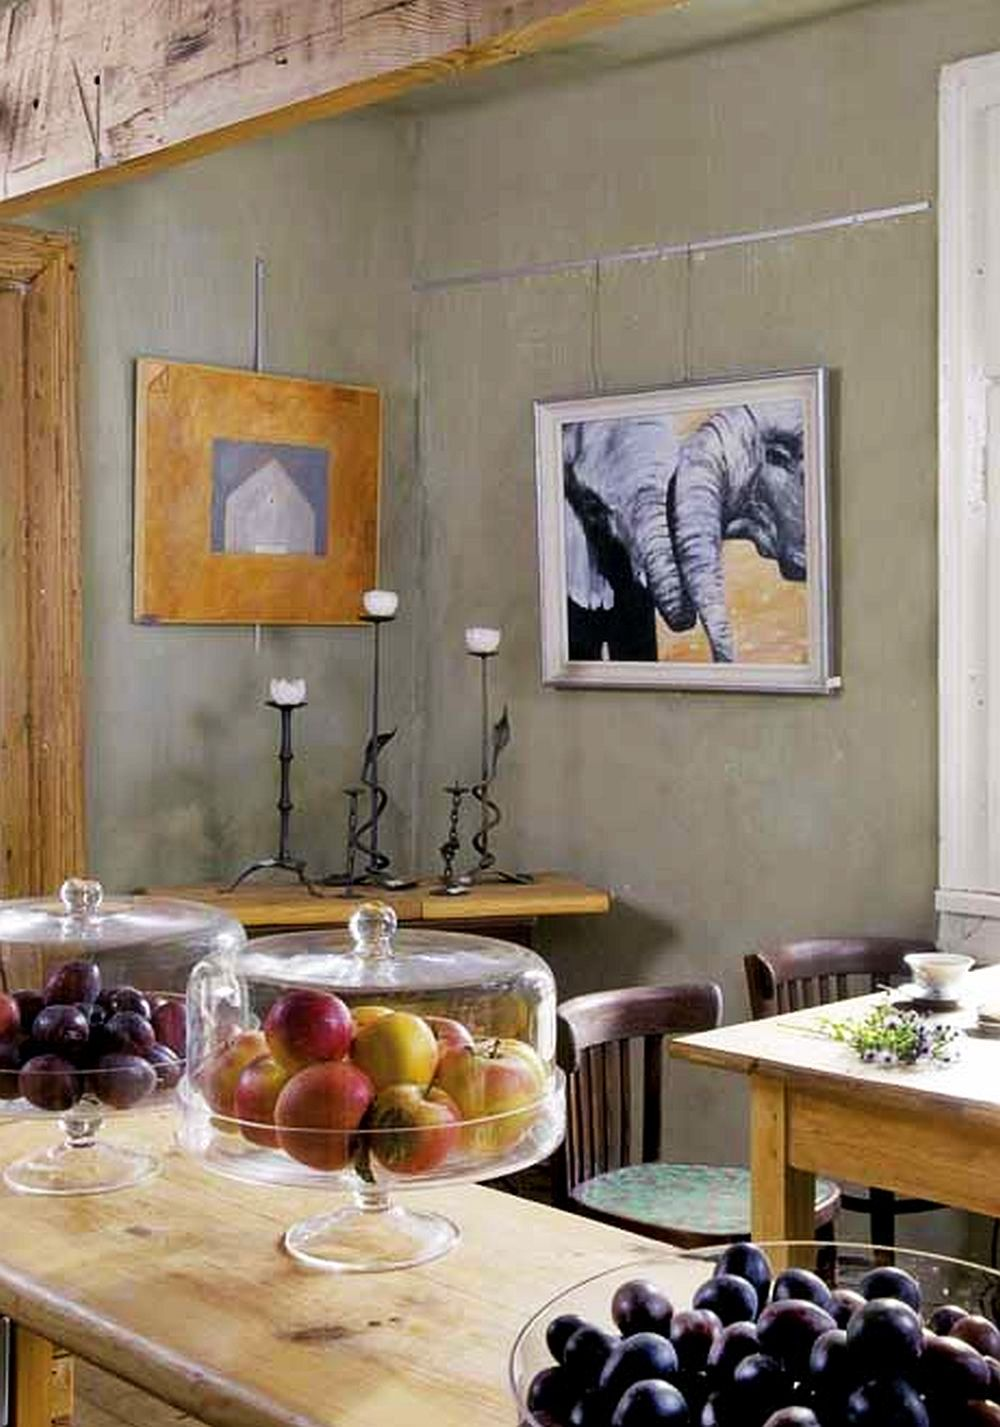 adelaparvu.com despre casa veche din lemn cu galerie de arta la tara, design Julita si Paul Sander, Foto Marek Szymanski (2)